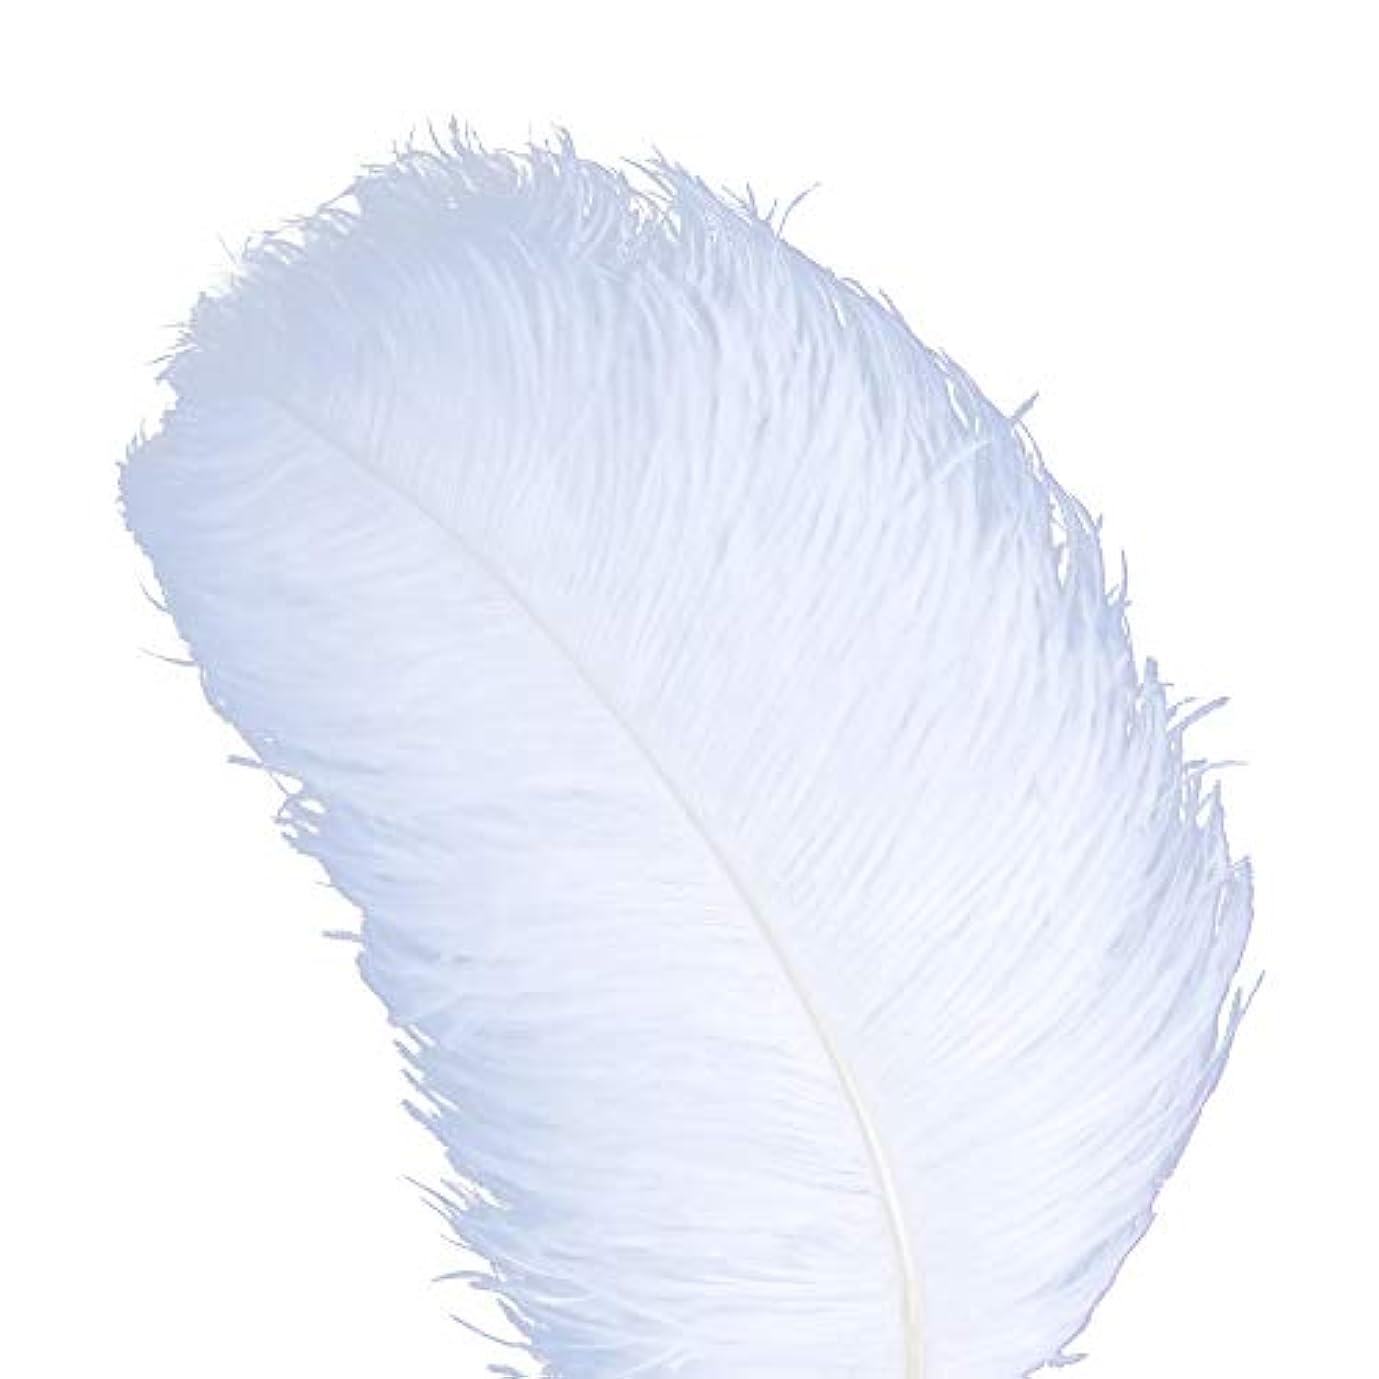 義務づける最初アンテナAWAYTR 天然 18-20 インチ (45-50cm) オーストリッチ 羽 プラム 結婚式 センターピース ホームデコレーション 50pcs ホワイト 743070207763